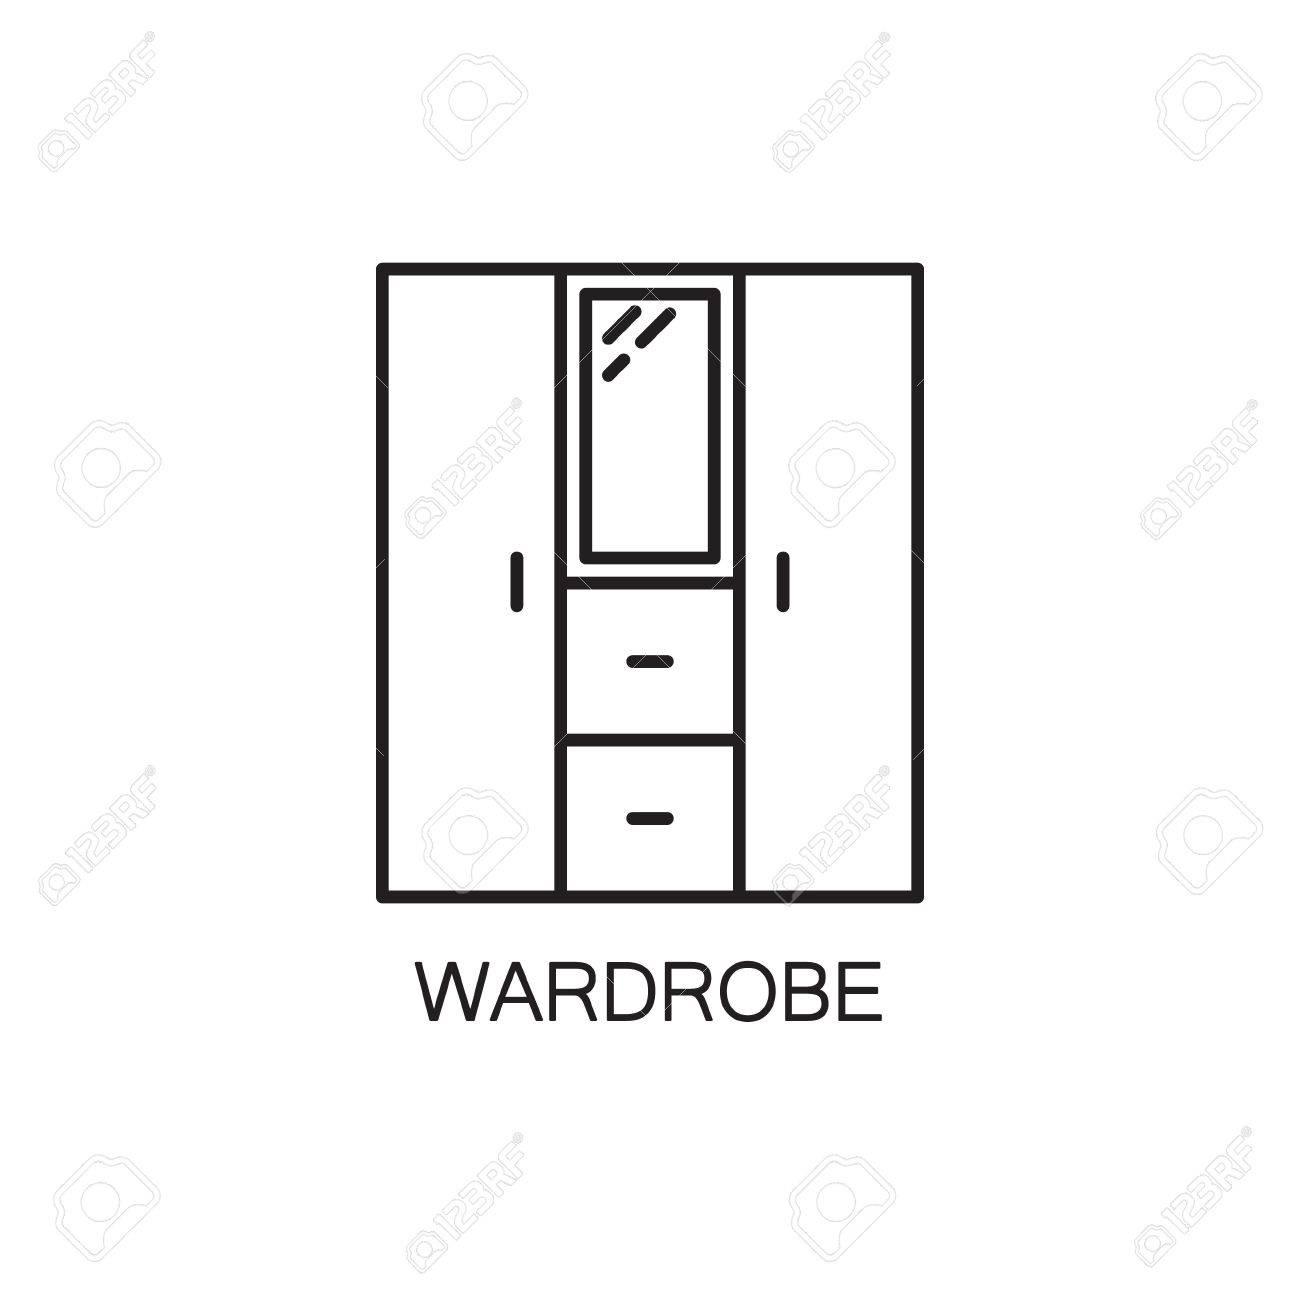 pictogramme de haute qualite de la garde robe pour l interieur de la maison outline symbole de vecteur pour le site web de la conception ou l application